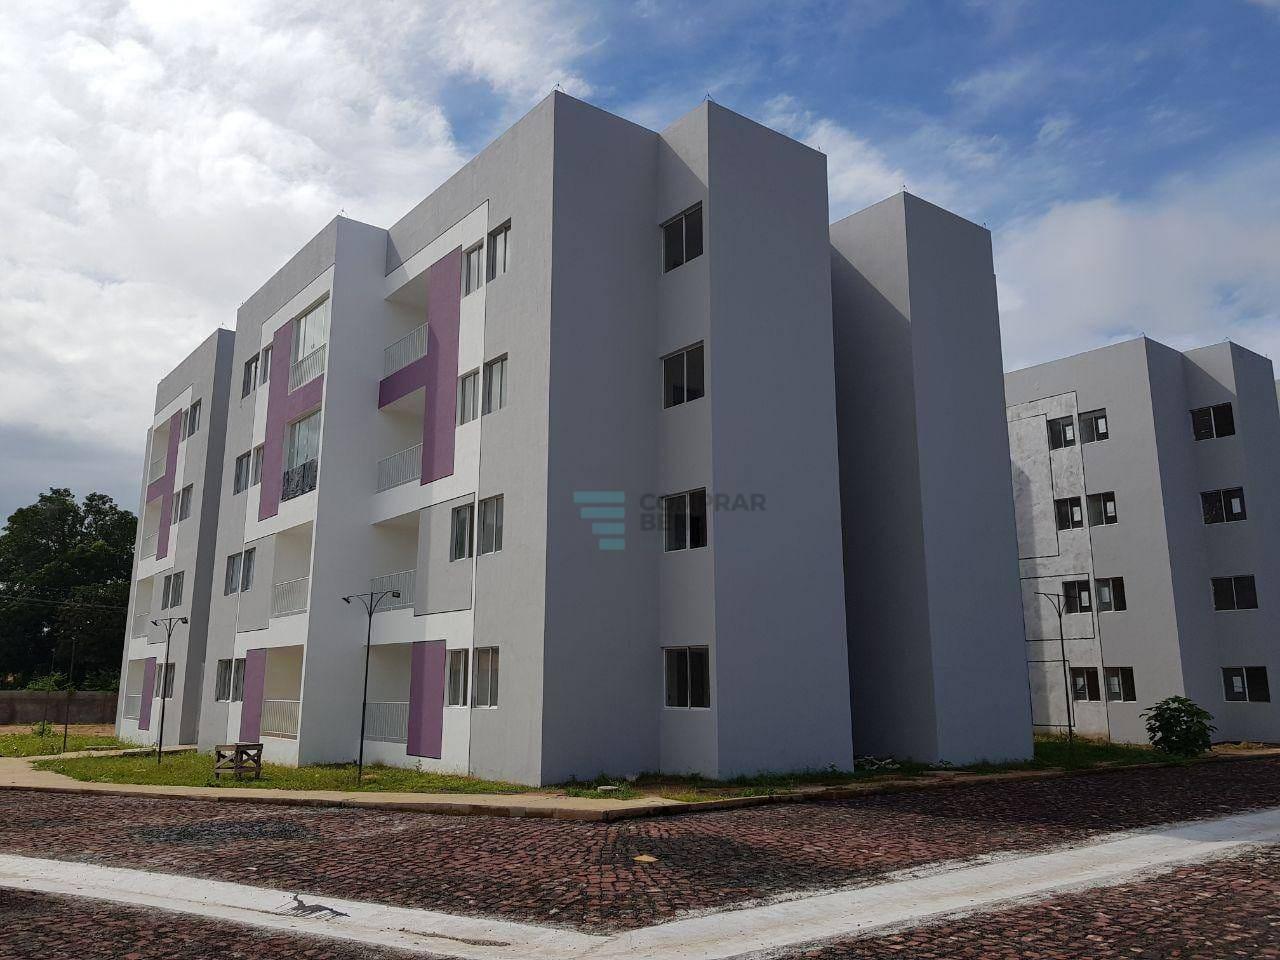 https://static.arboimoveis.com.br/AP0022_COMPRA/apartamento-com-dormitorios-a-venda-m-por-r-todos-os-santos-teresinapi1624698619760rhnal.jpg